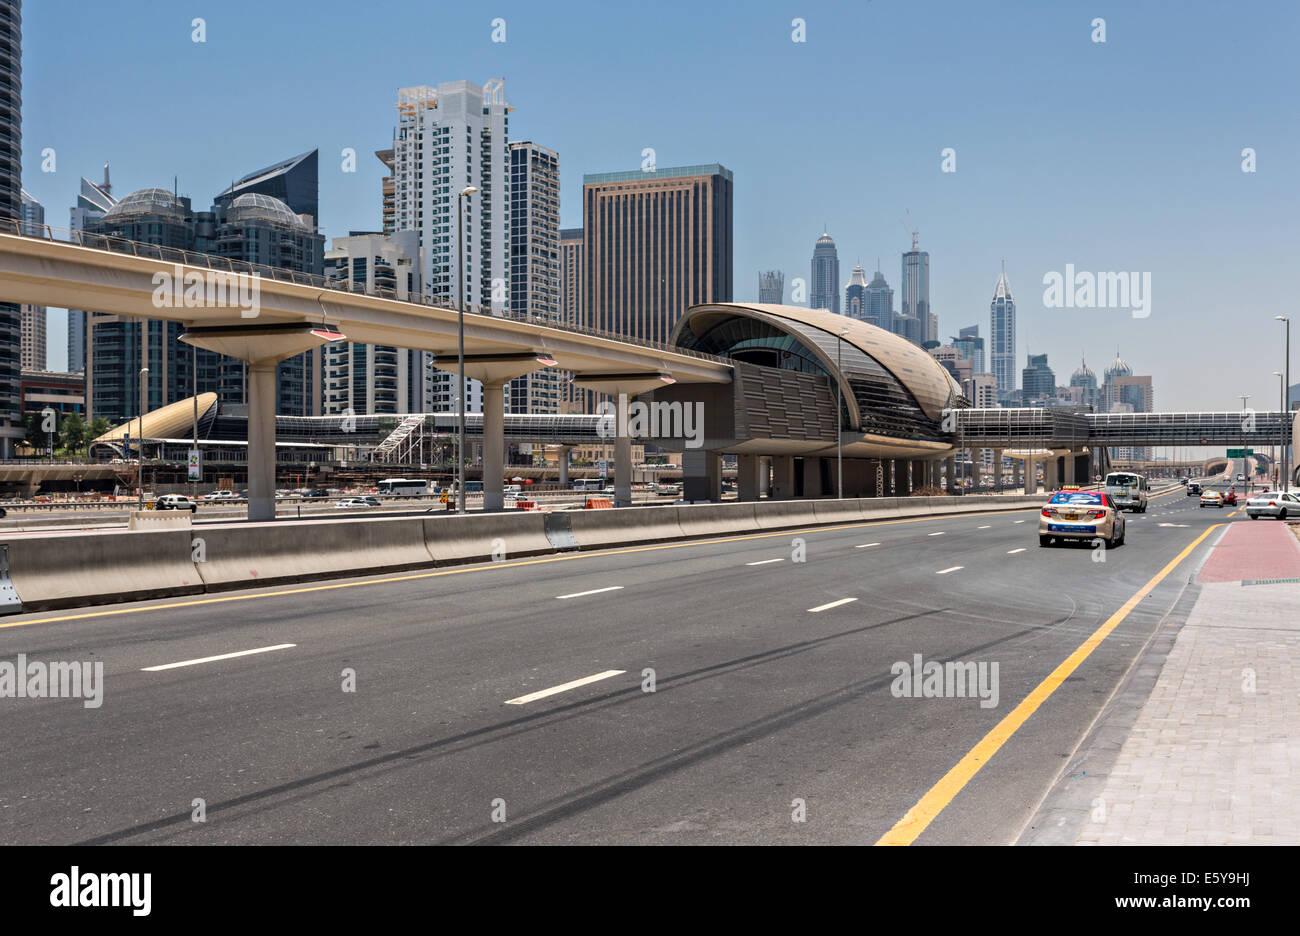 Dubai Metro Station - Stock Image